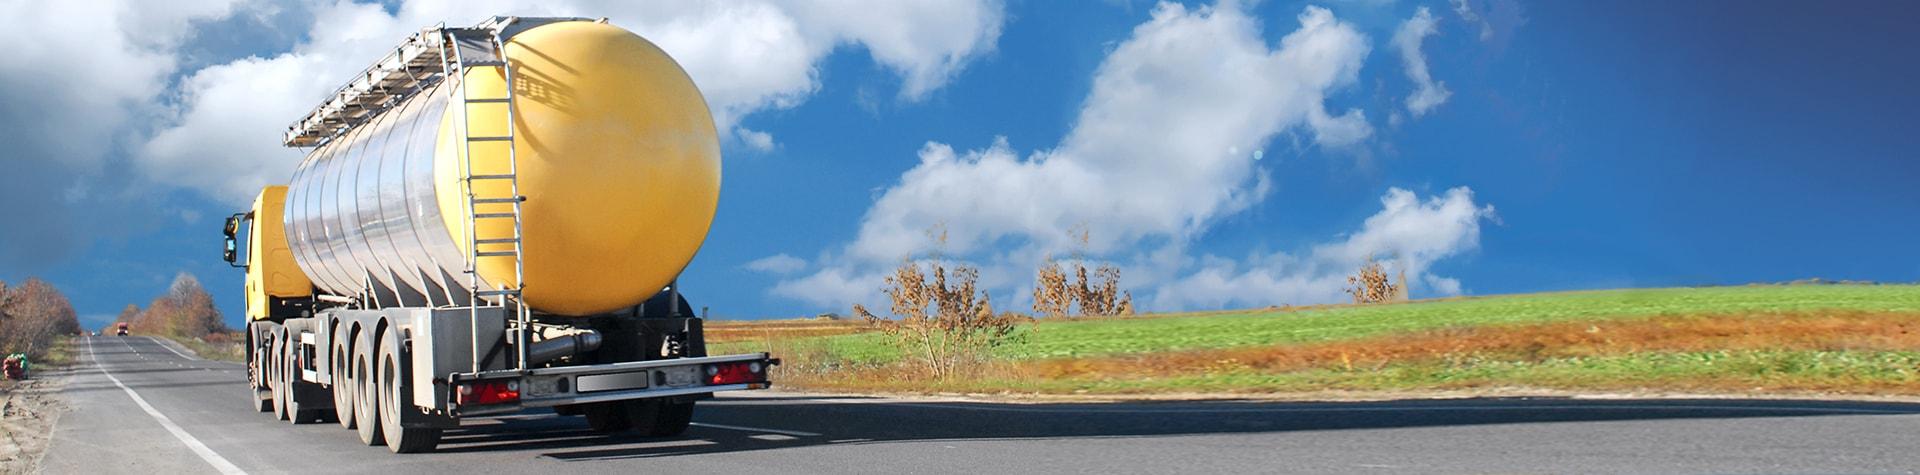 Monitorizare auto prin GPS pentru industria de Petrol și Gaze | evogps.ro